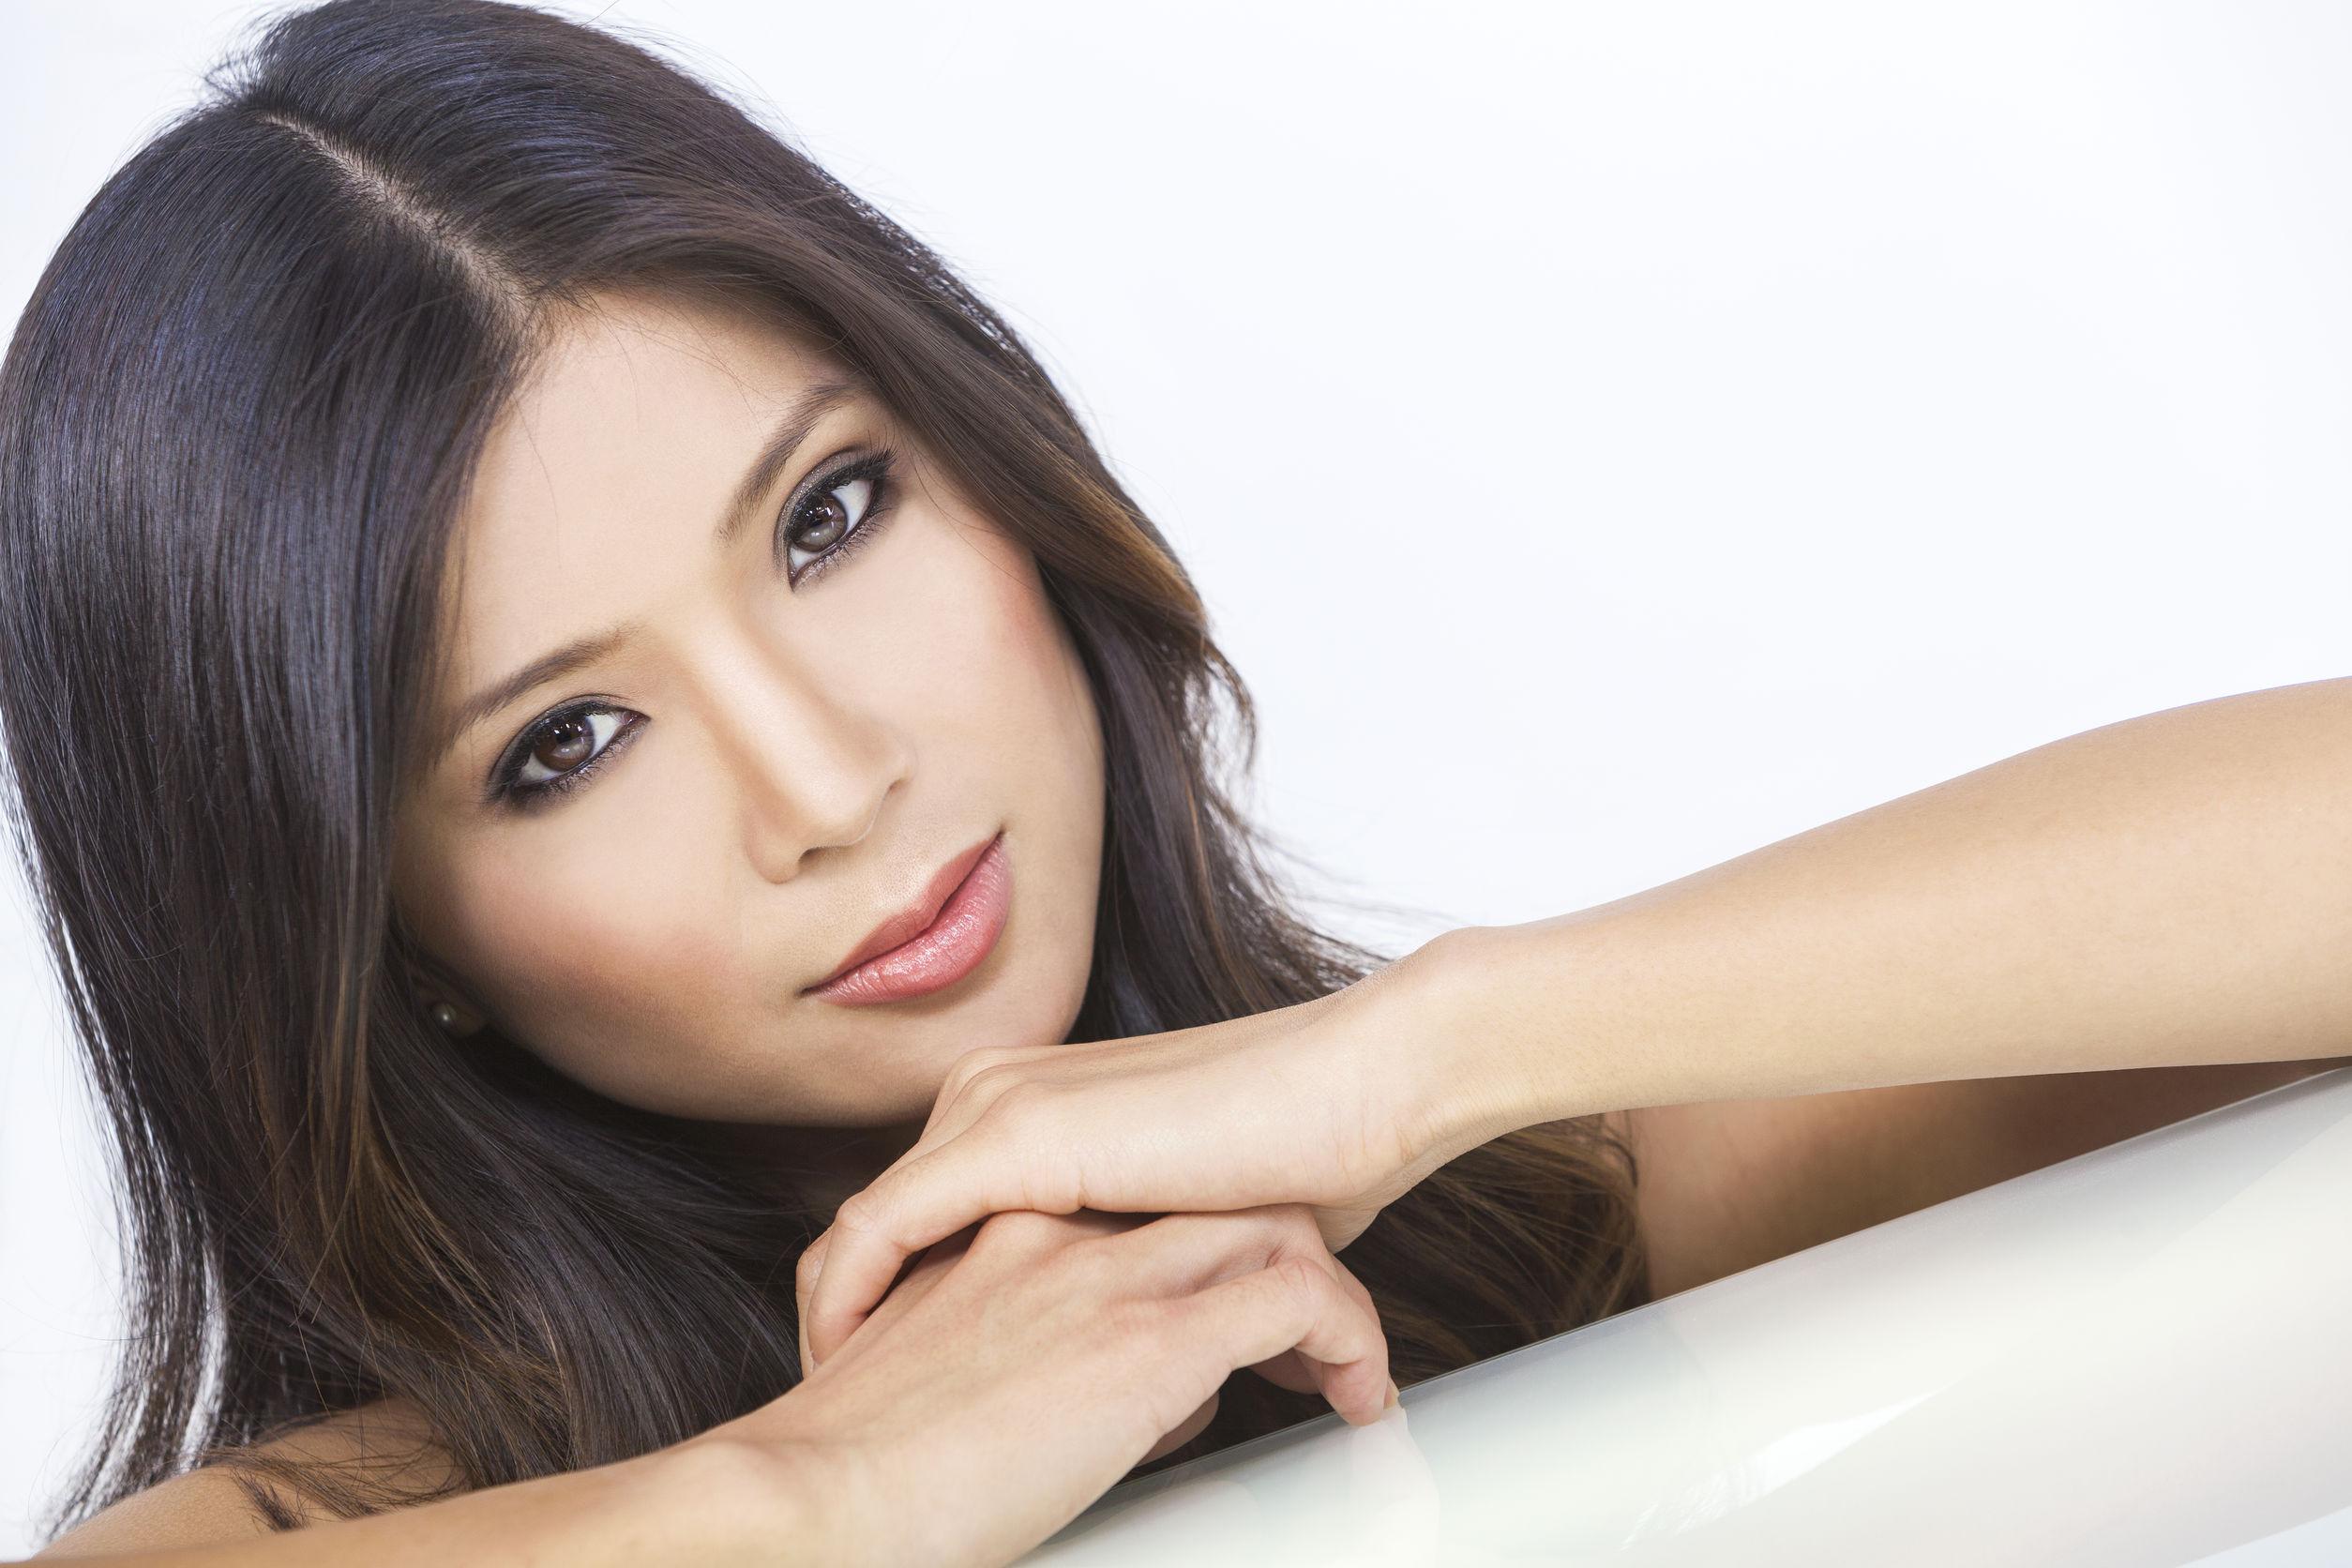 Asiatique : un teint parfait